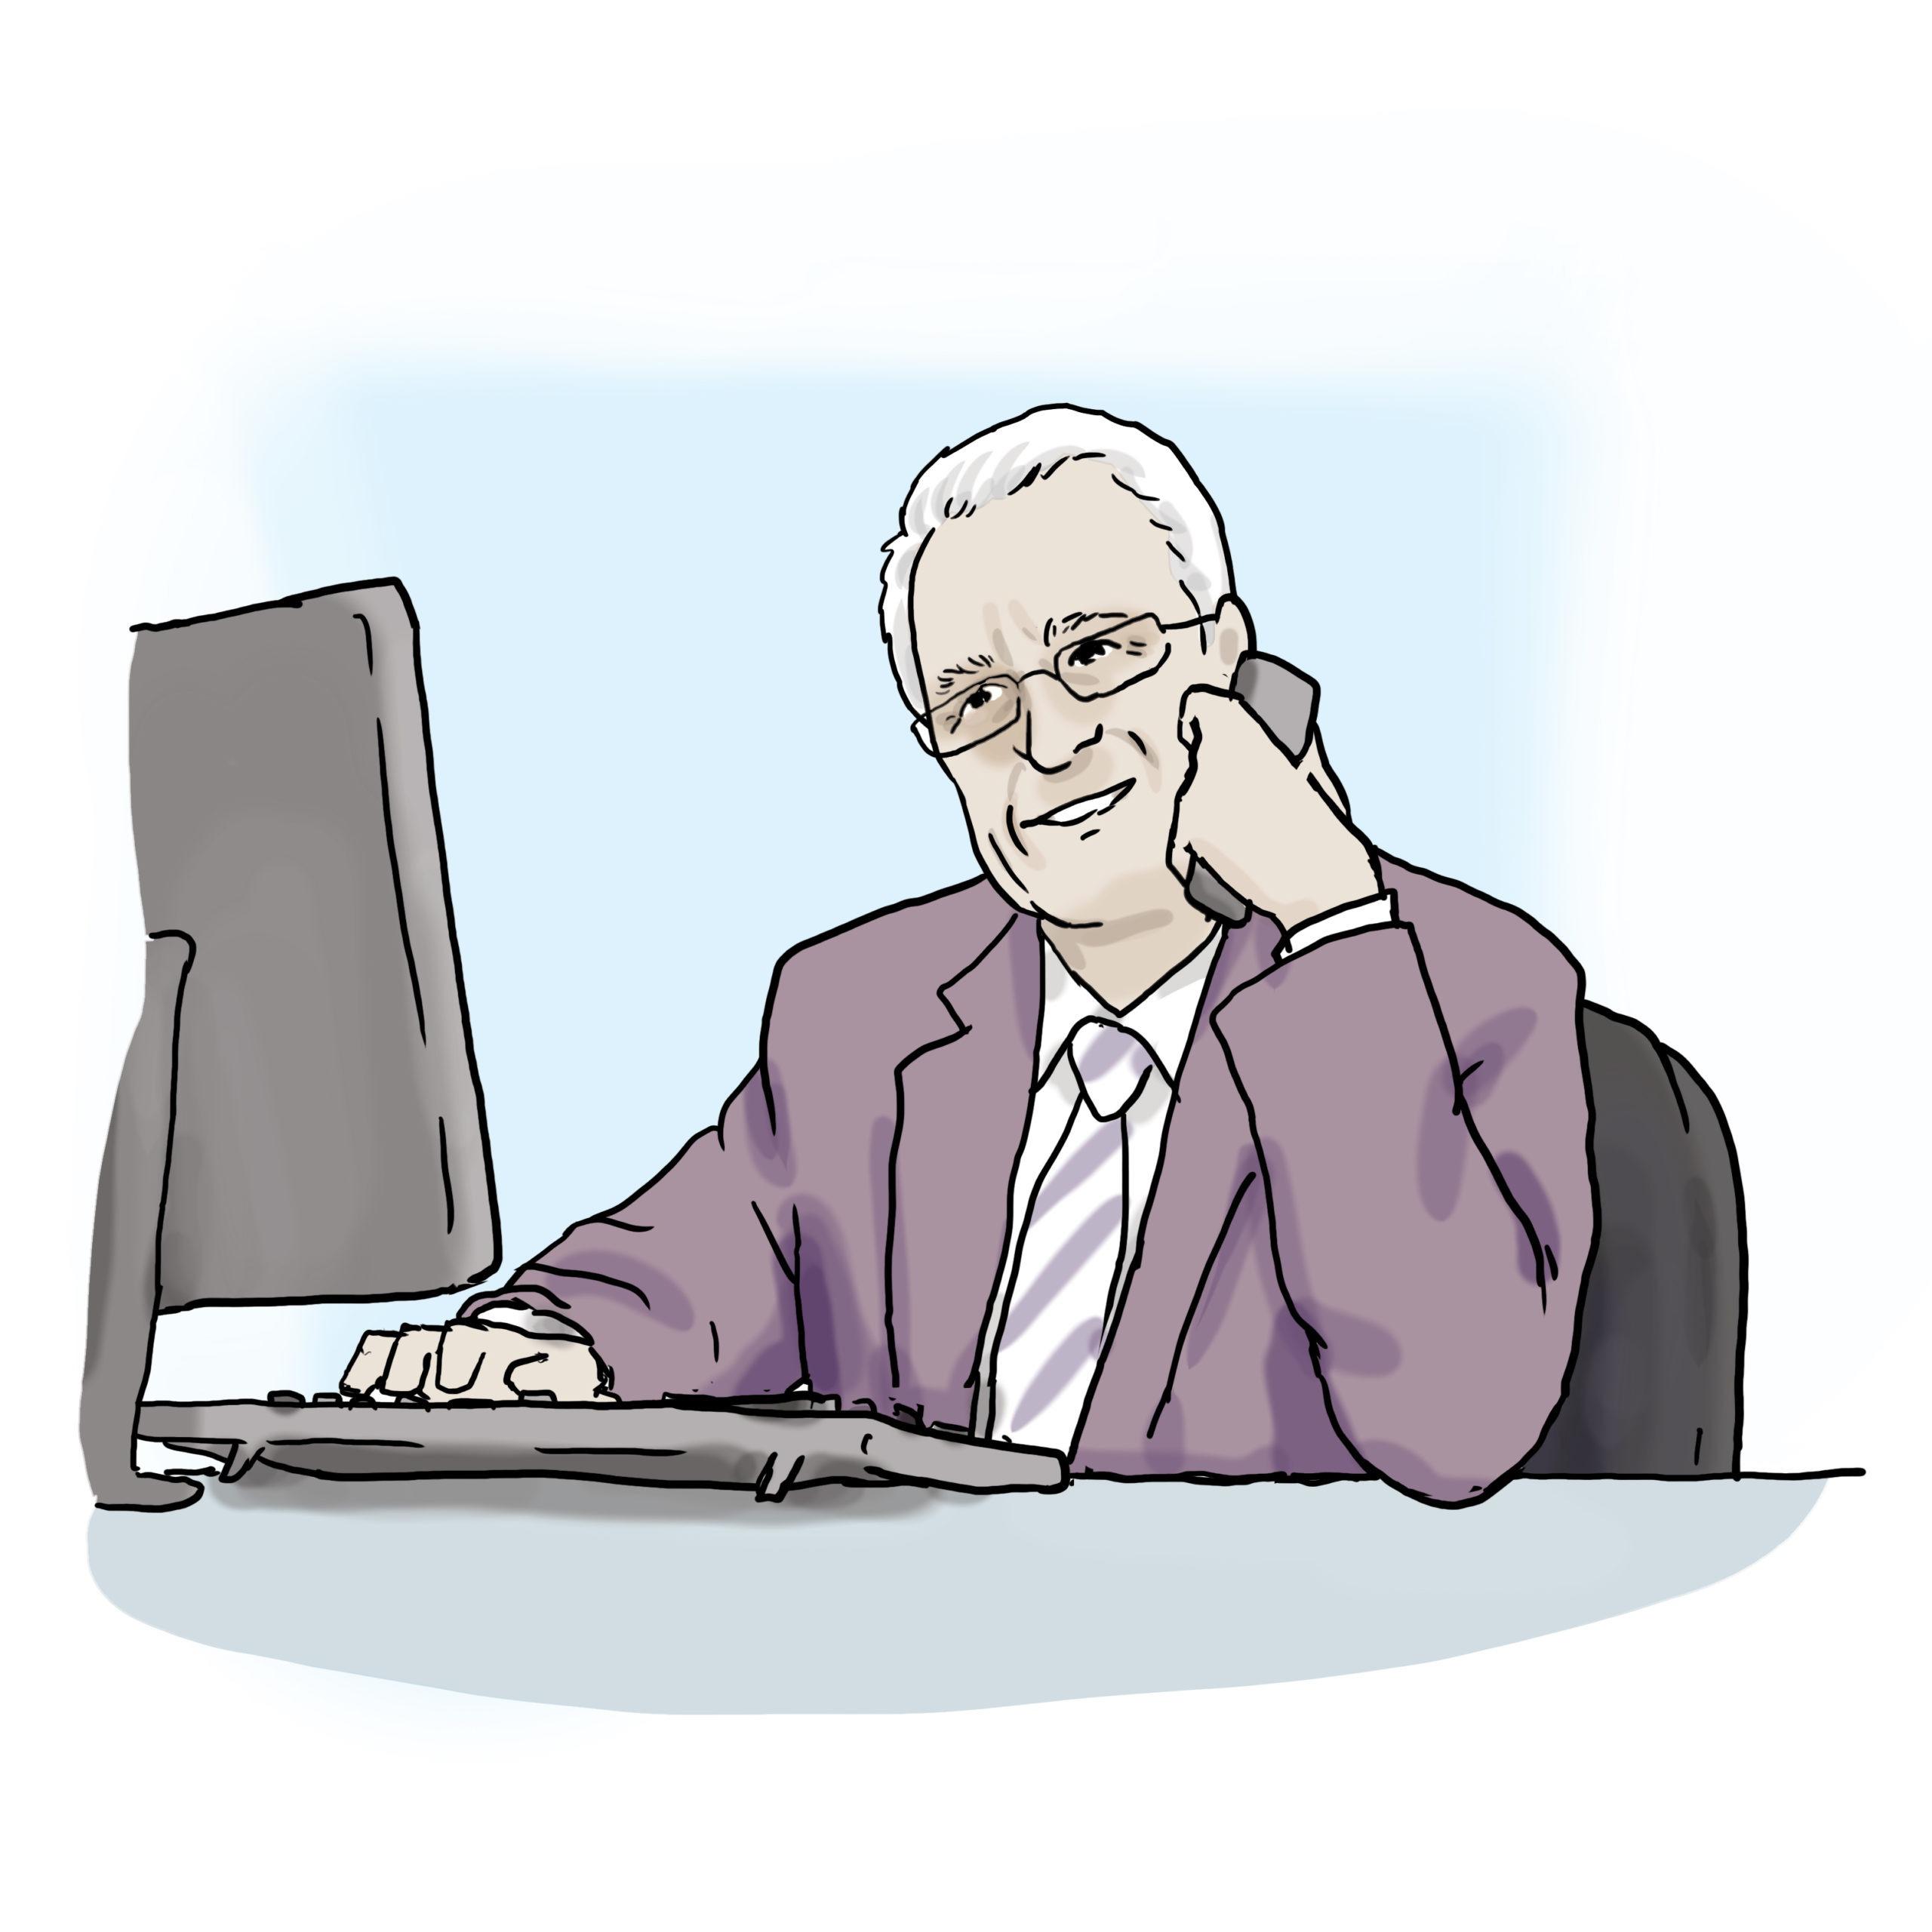 Das Bild zeigt einen Mann, der telefoniert.